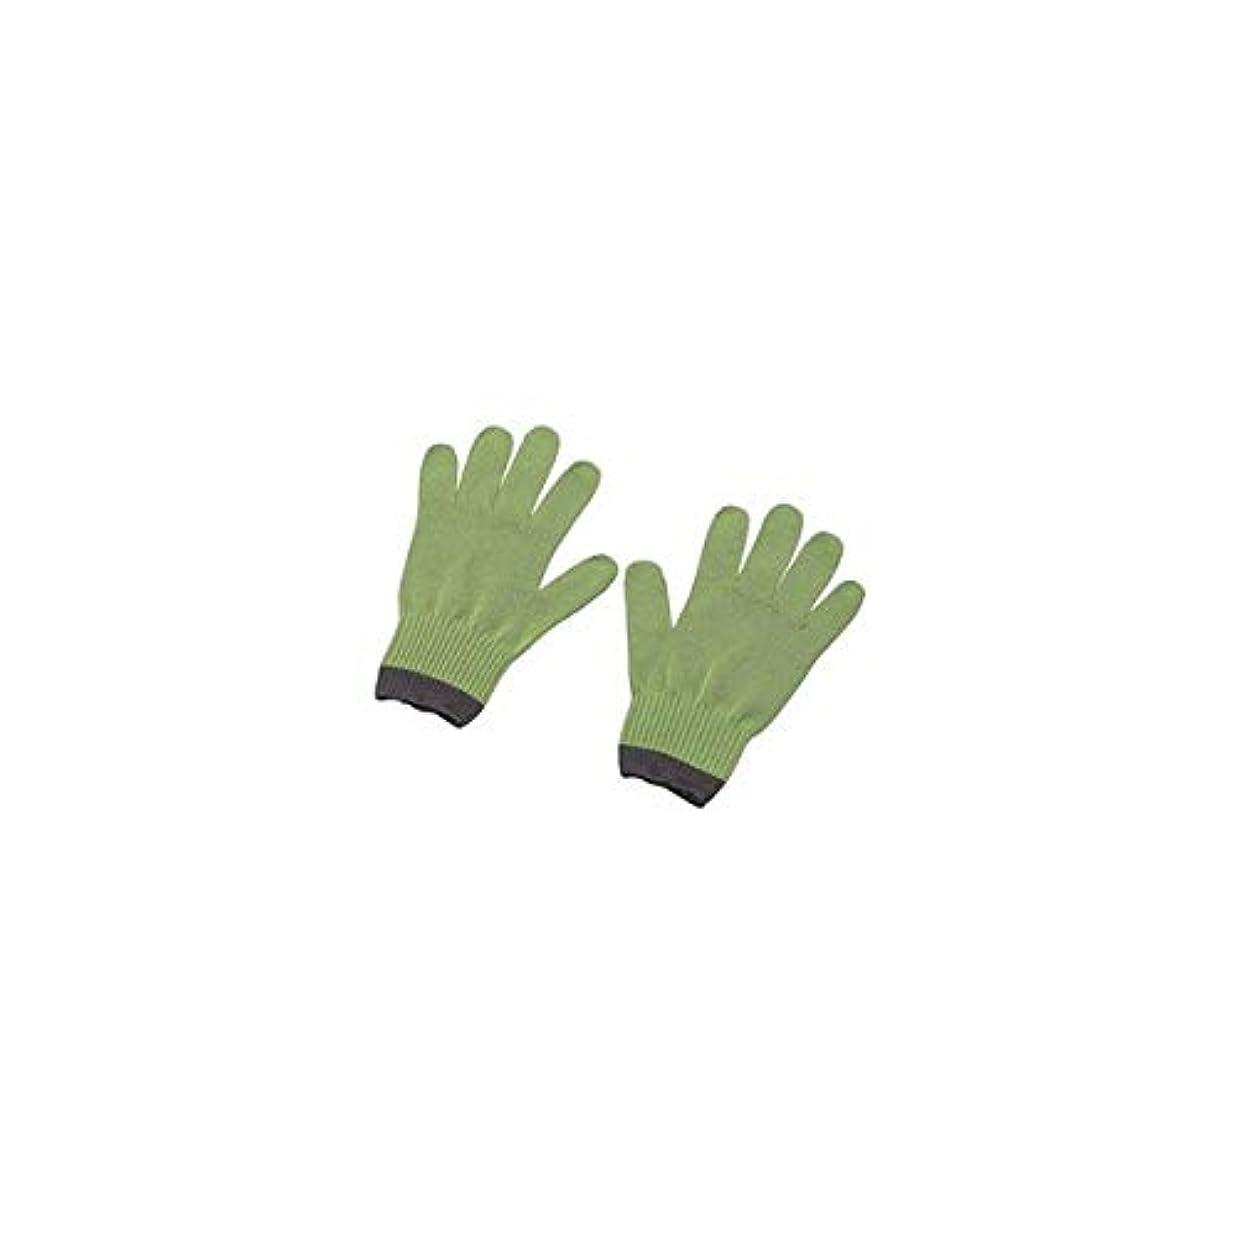 儀式真面目な不透明なアラミド手袋MEGG-90 洗剤?消耗品 CD:378203